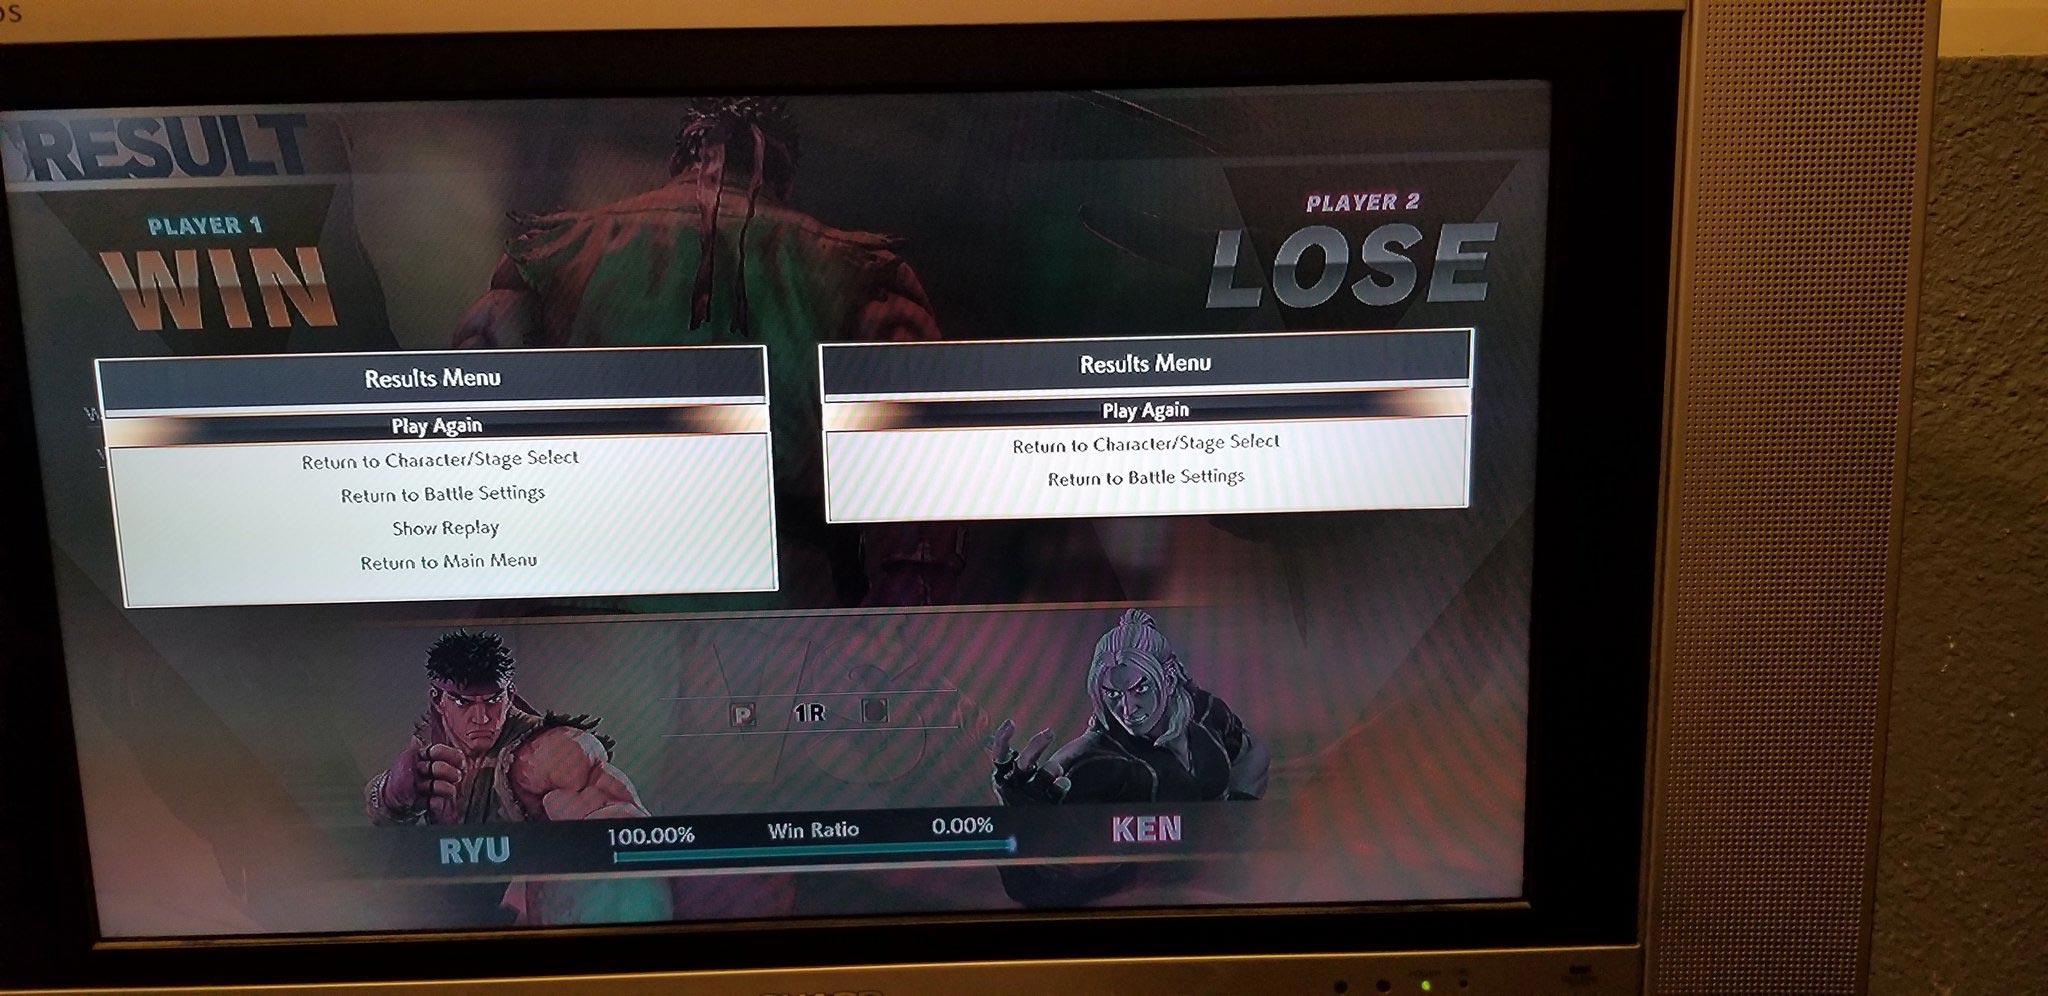 07_rematch01.jpg